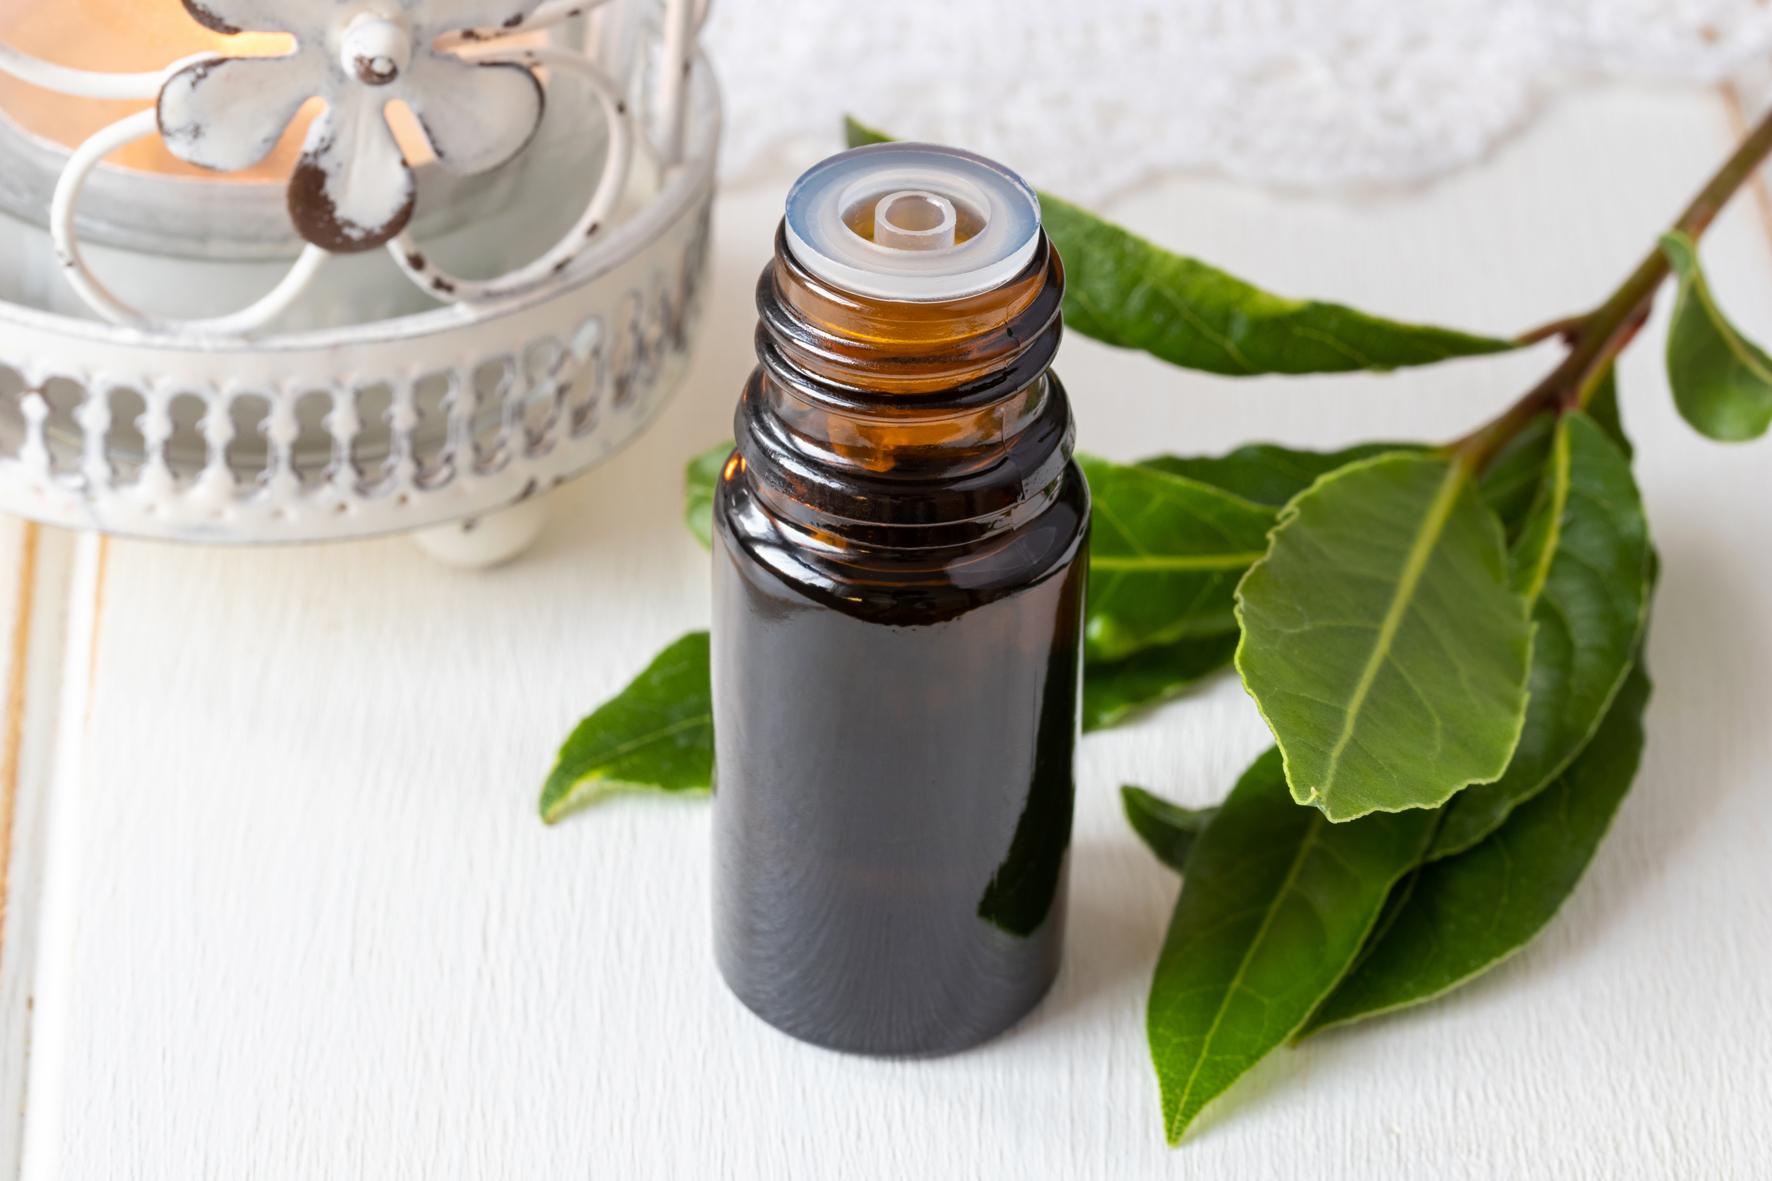 Olej s bobkovým listem je skvělý na potírání bolavých míst a můžete si ho přimíchat do koupele.